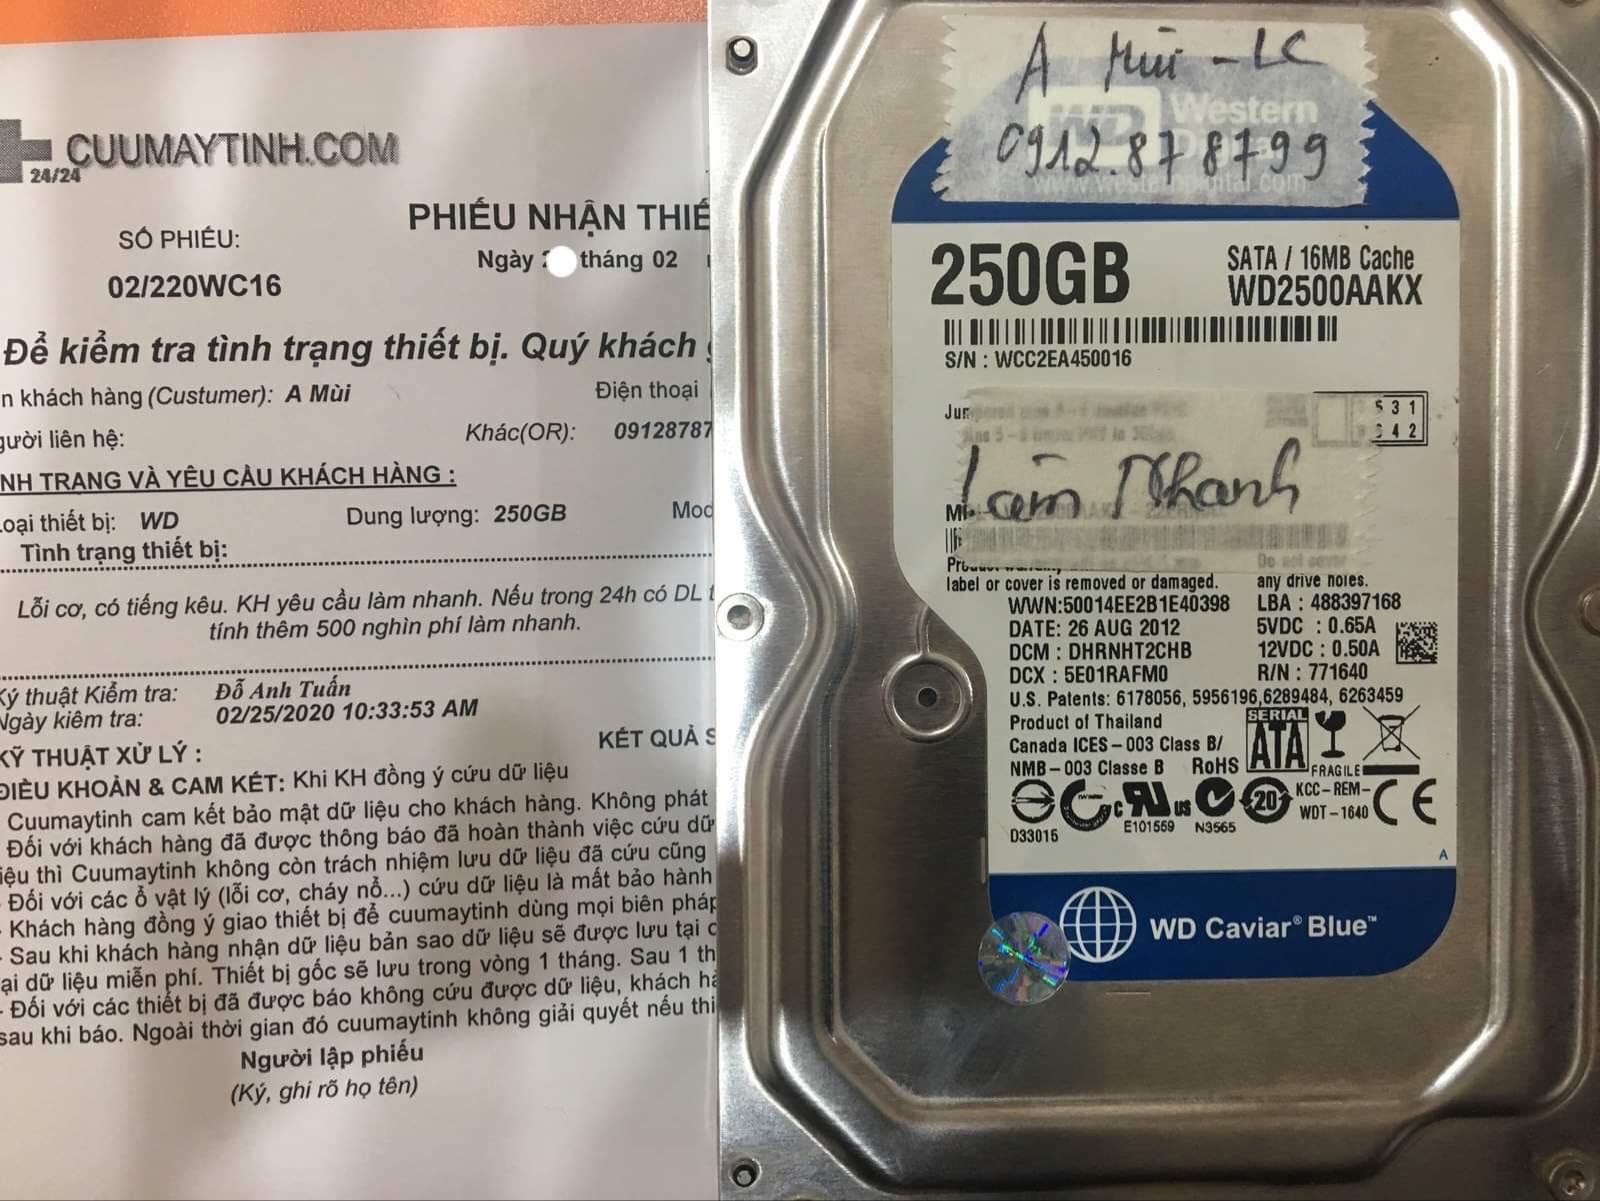 Phục hồi dữ liệu ổ cứng Western 250GB lỗi cơ 27/02/2020 - cuumaytinh